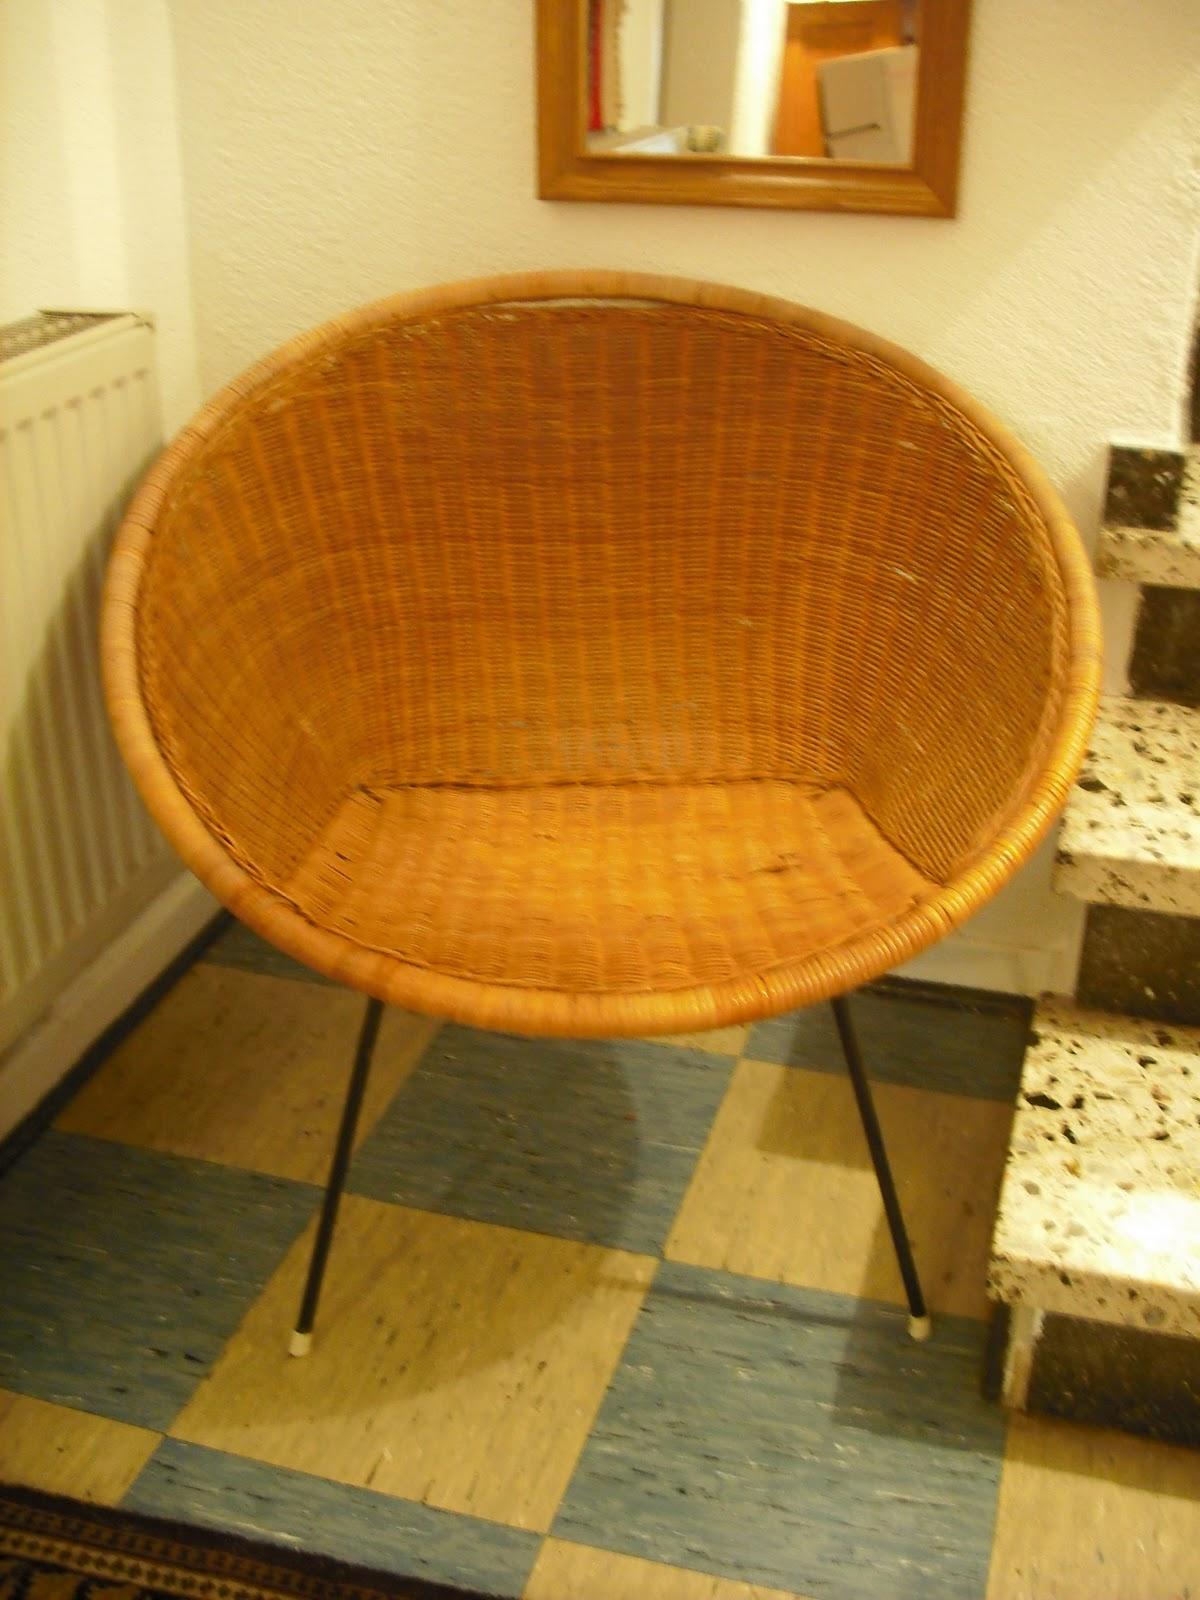 Bemerkenswert Runder Sessel Galerie Von Geflochtener Sessel, Metallgestell